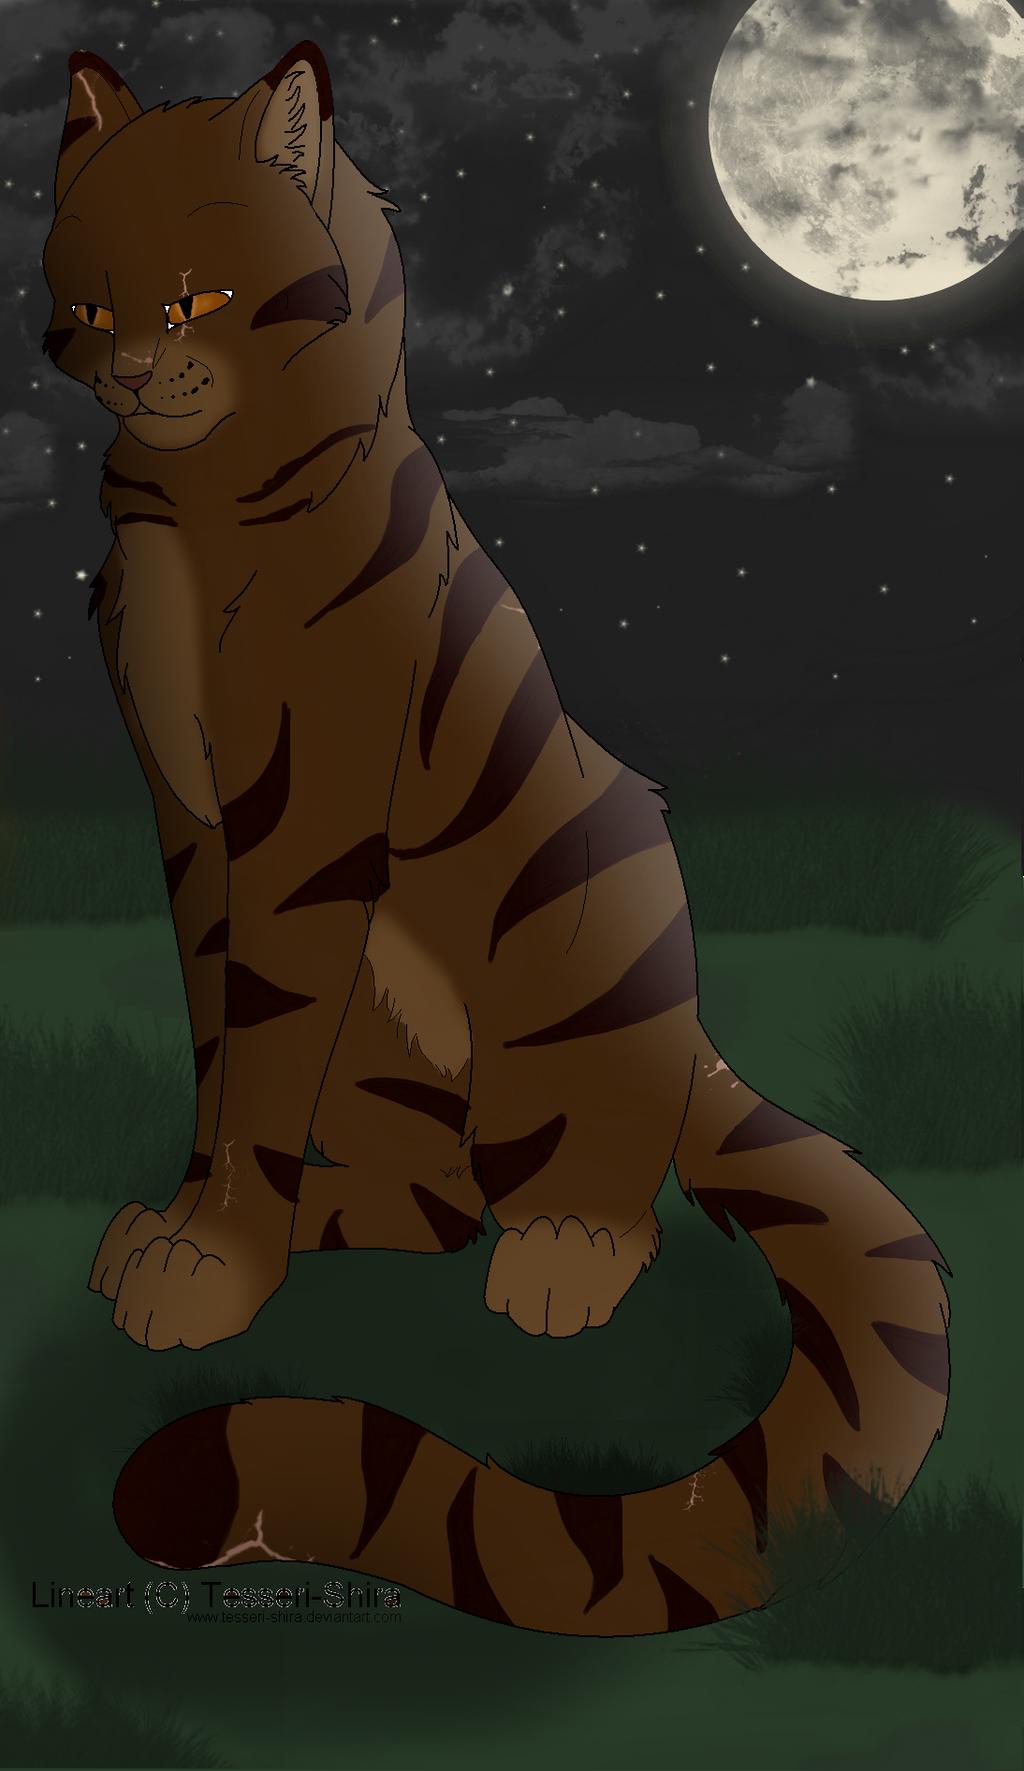 Tigerclaw by Harryn53012